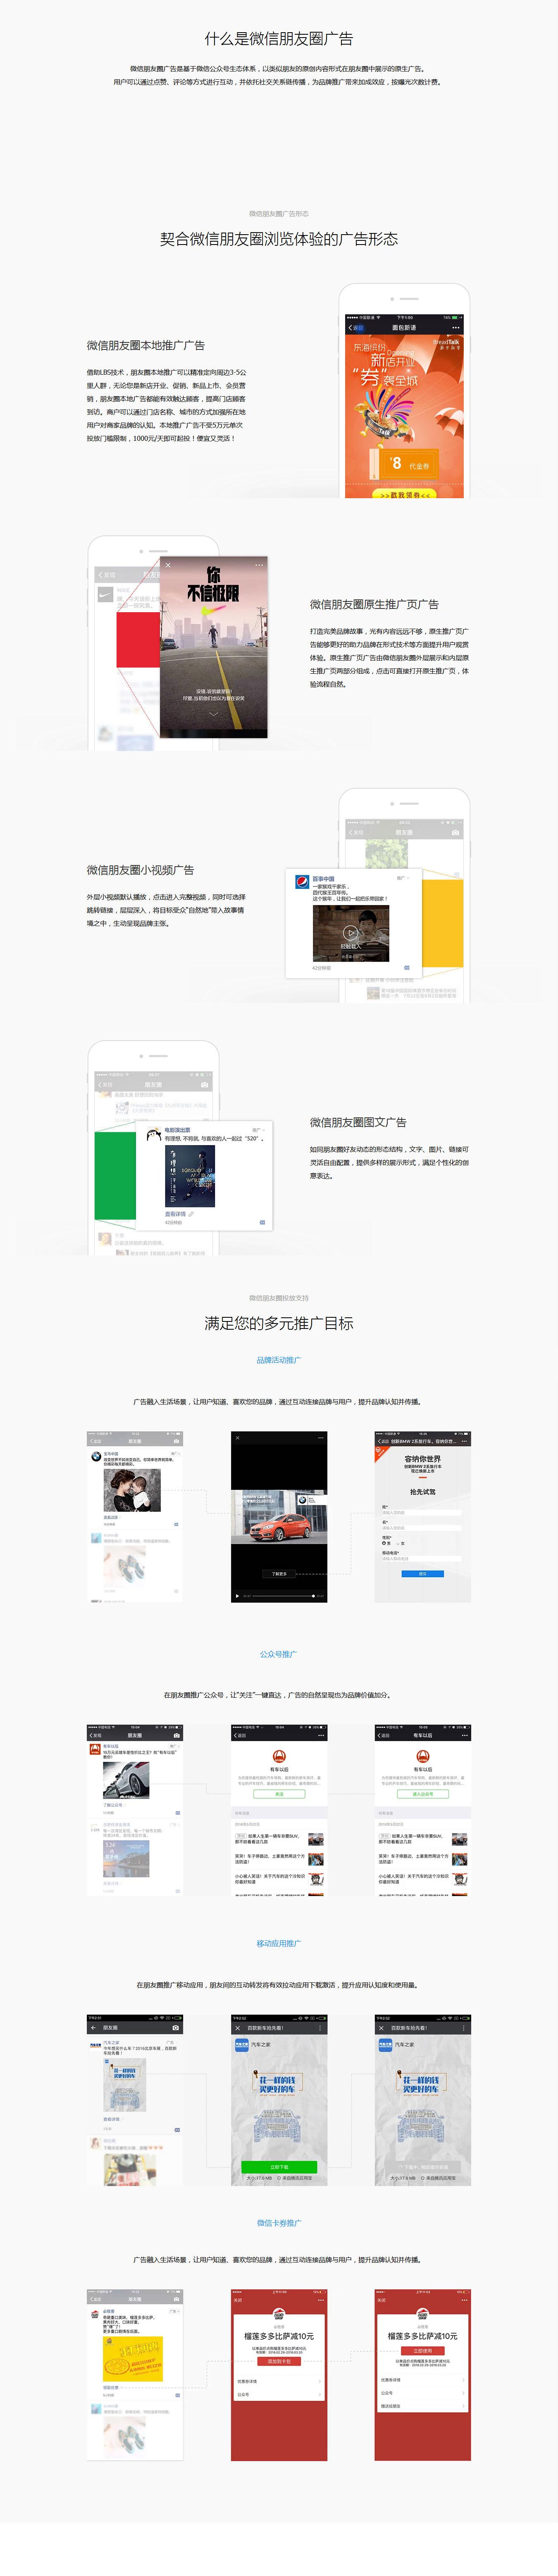 微信朋友圈广告.jpg